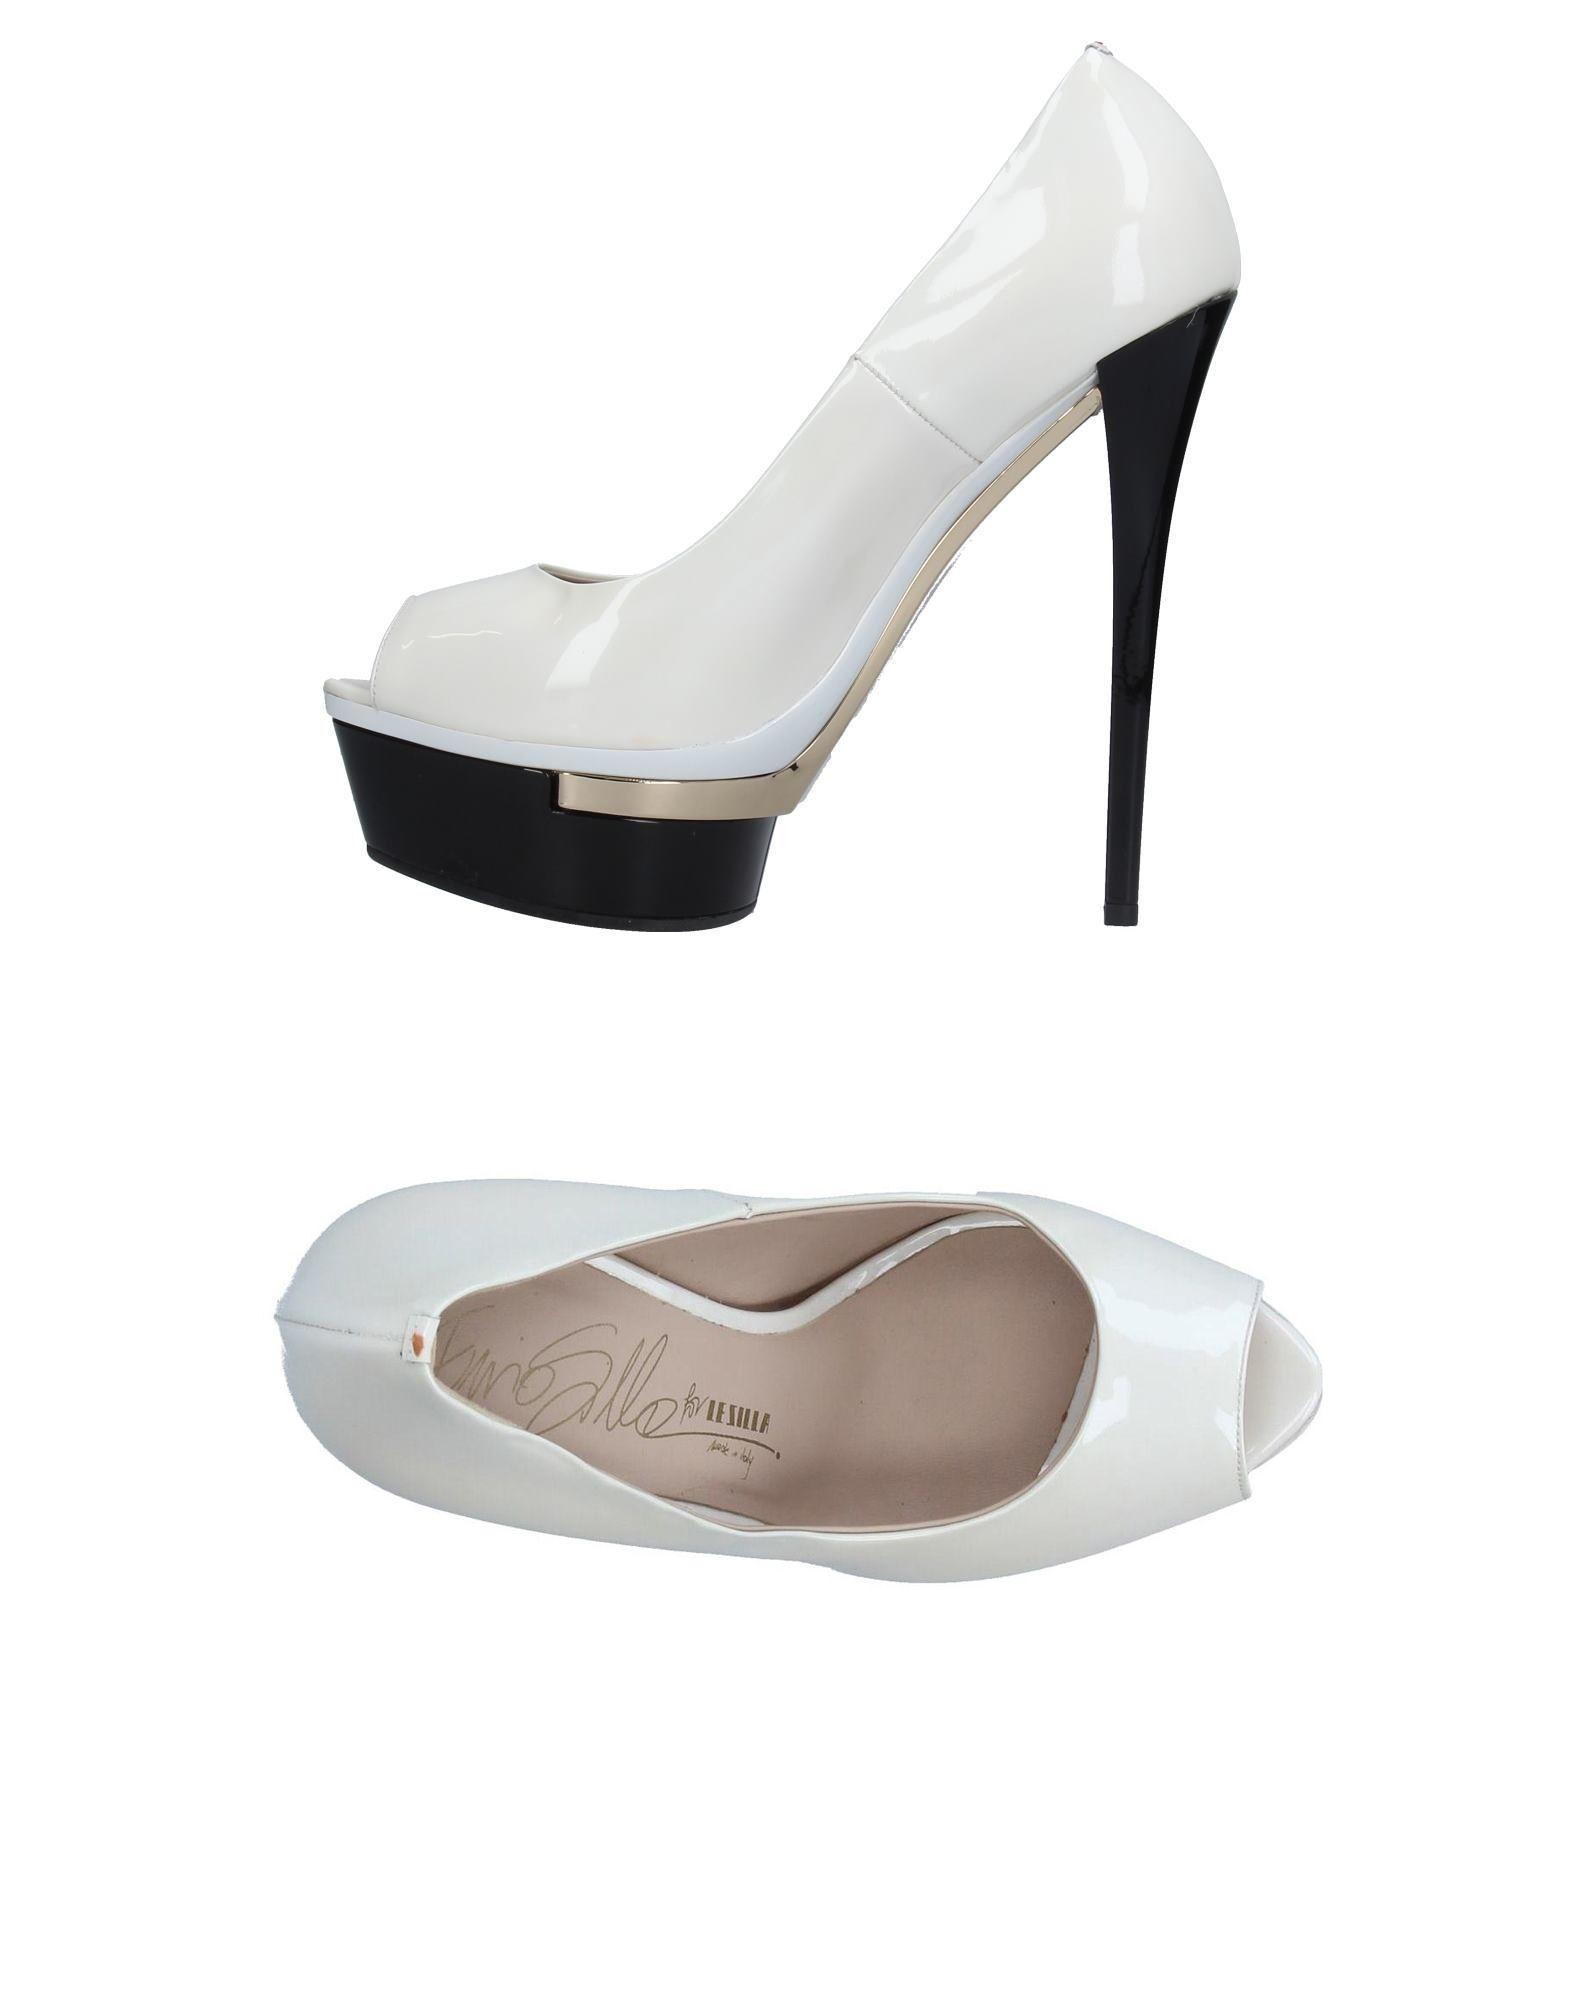 ENIO SILLA for LE SILLA Туфли цены онлайн